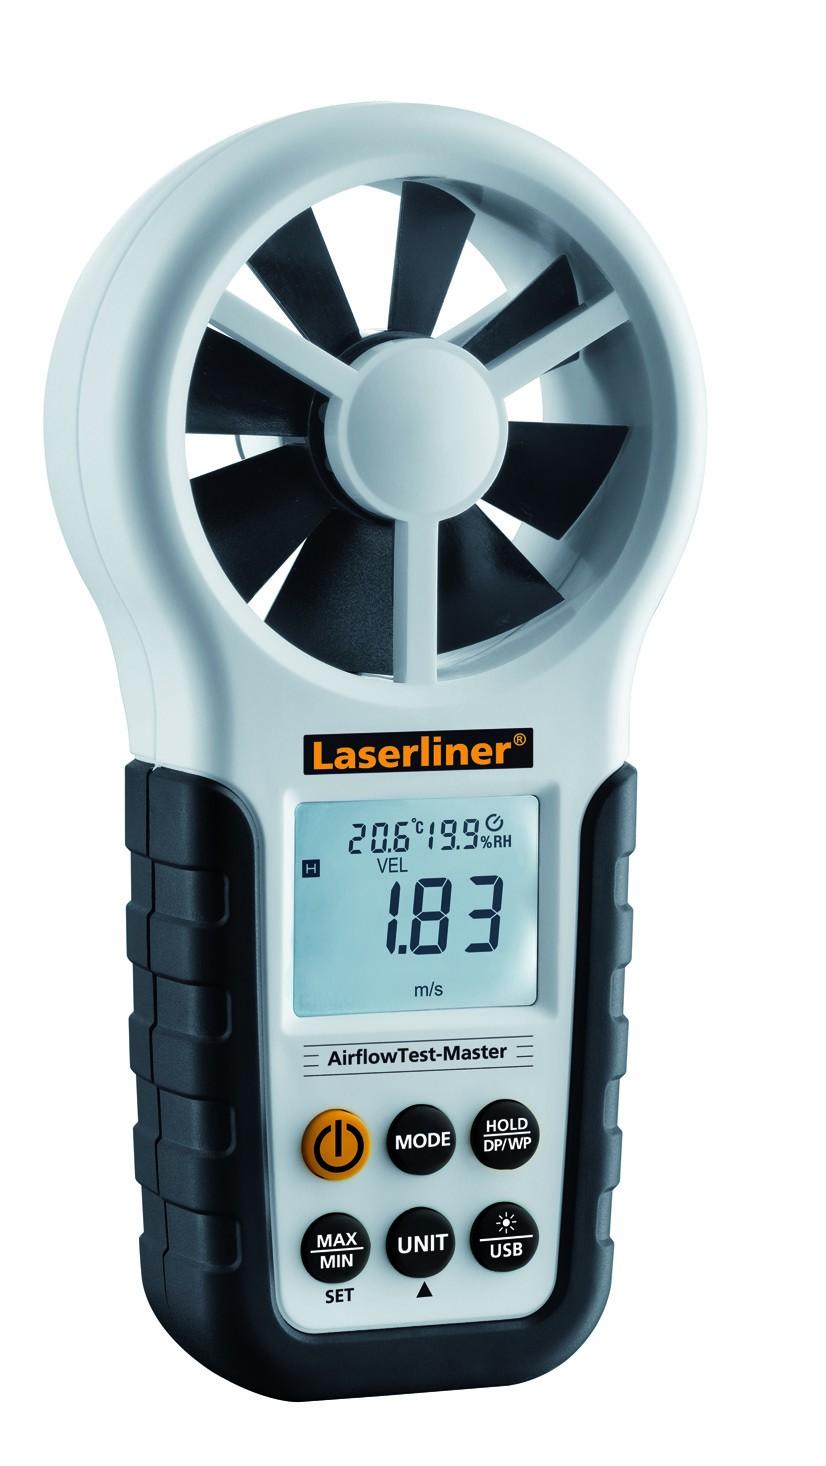 Ψηφιακό Ανεμόμετρο AirFlow Test Master Laseriliner